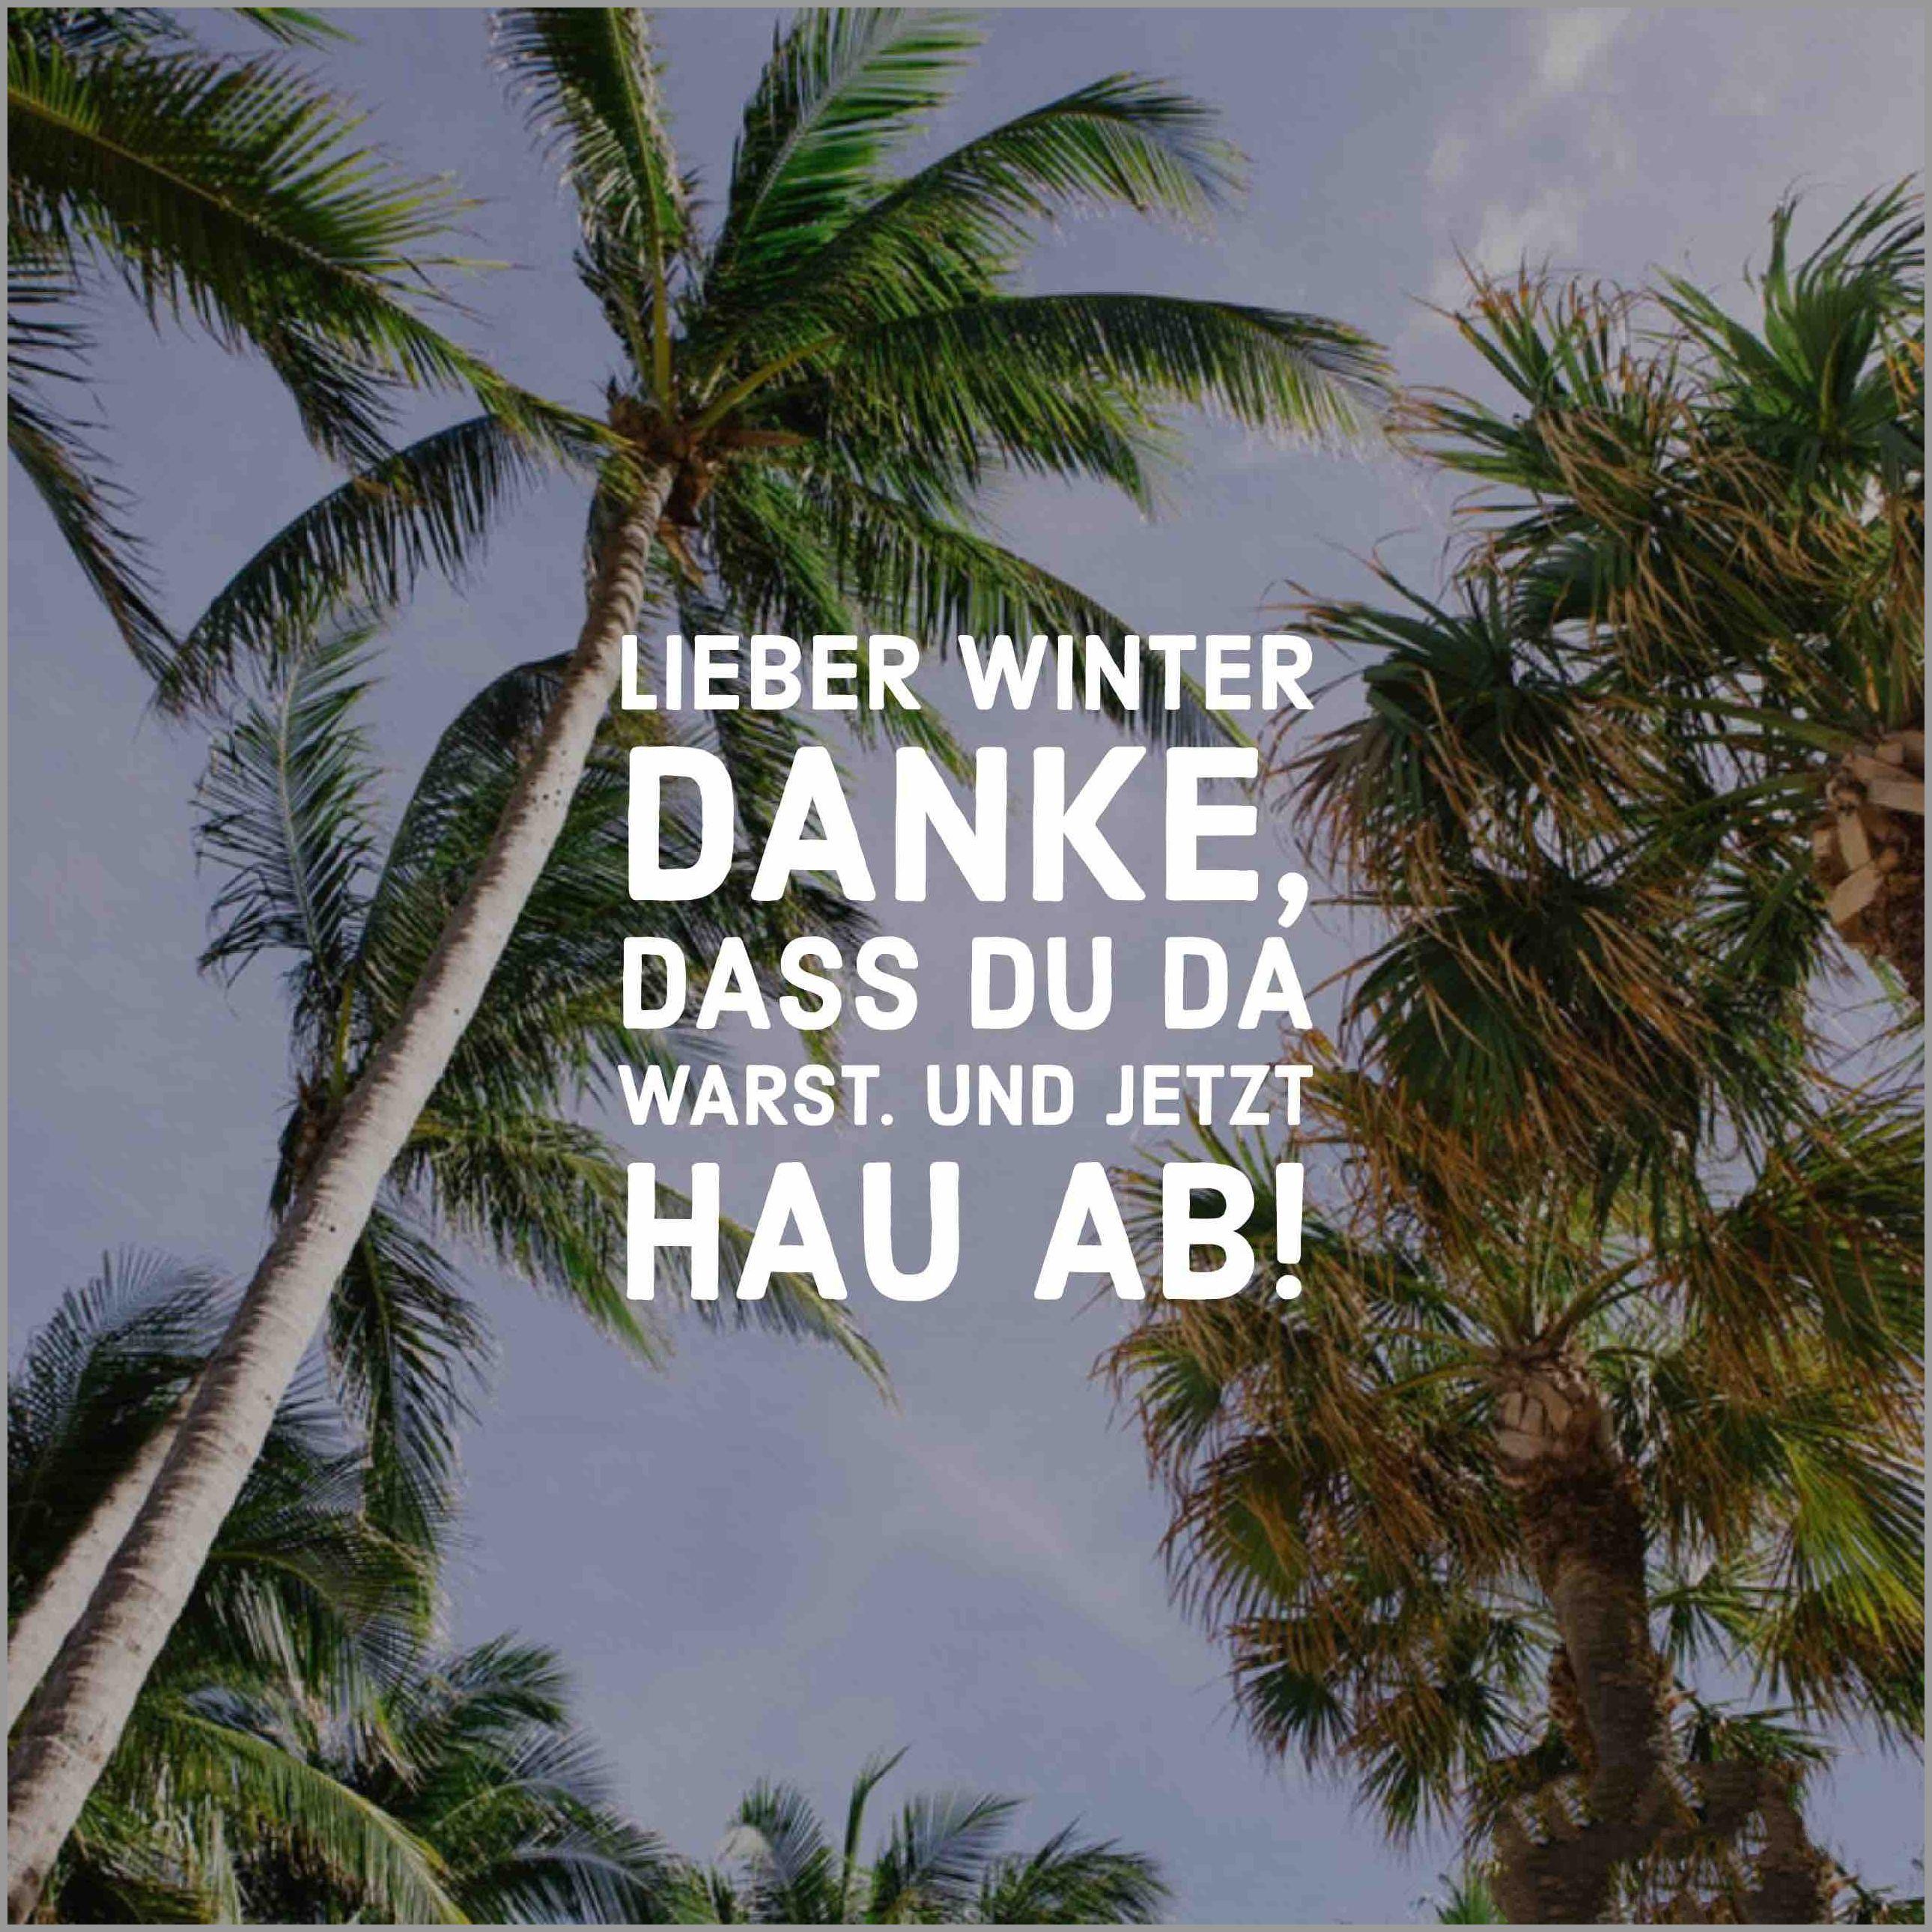 Lieber winter danke dass du da warst und jetzt hau ab - Lieber winter danke dass du da warst und jetzt hau ab